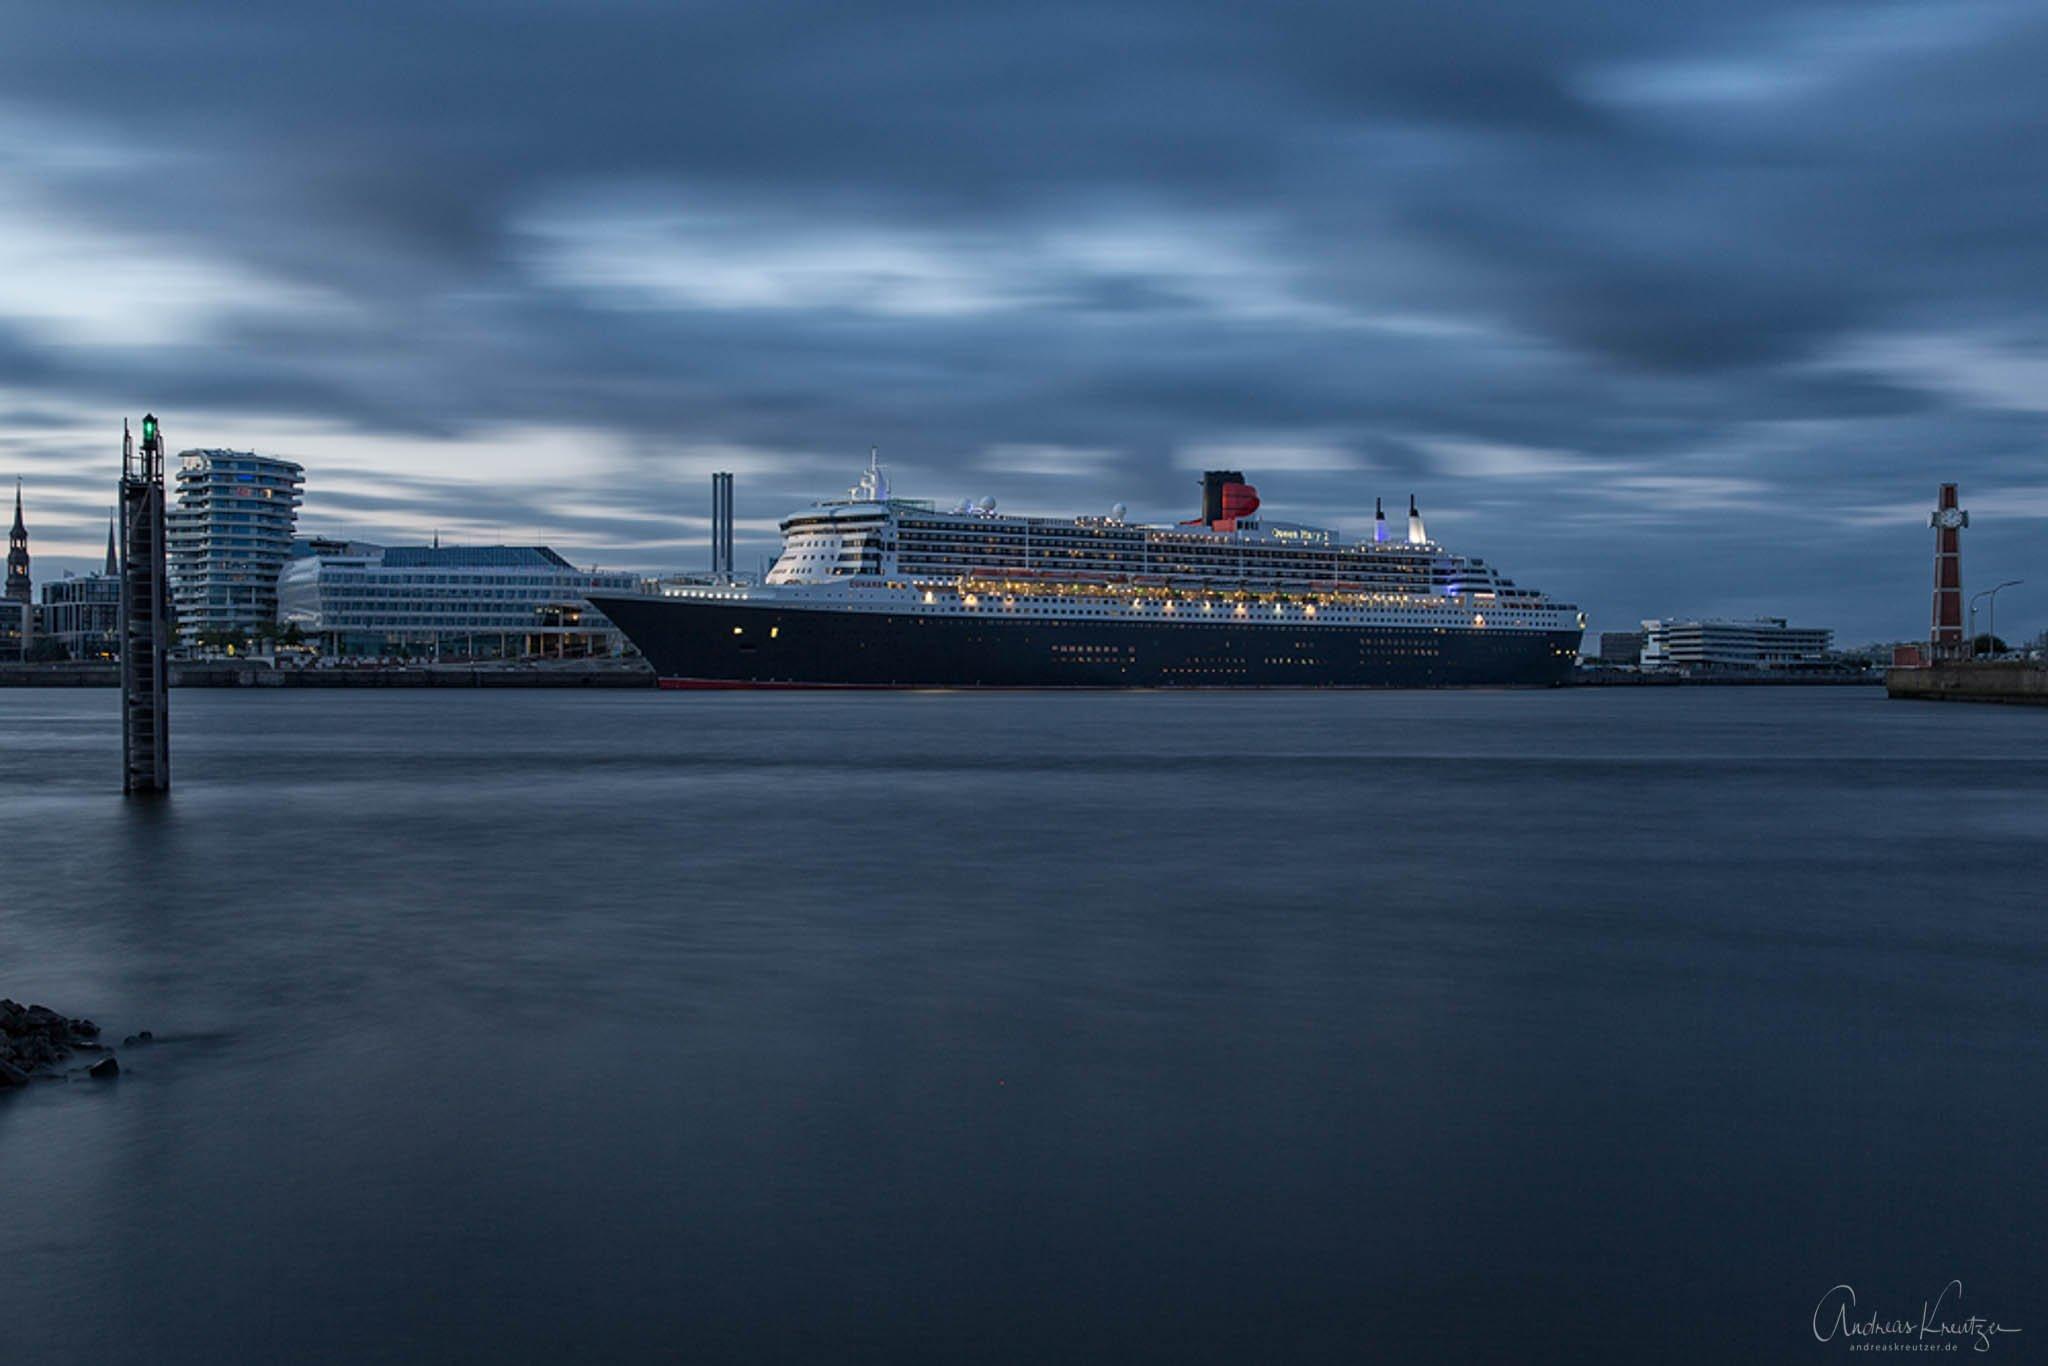 Queen Mary 2 - 0614 -III